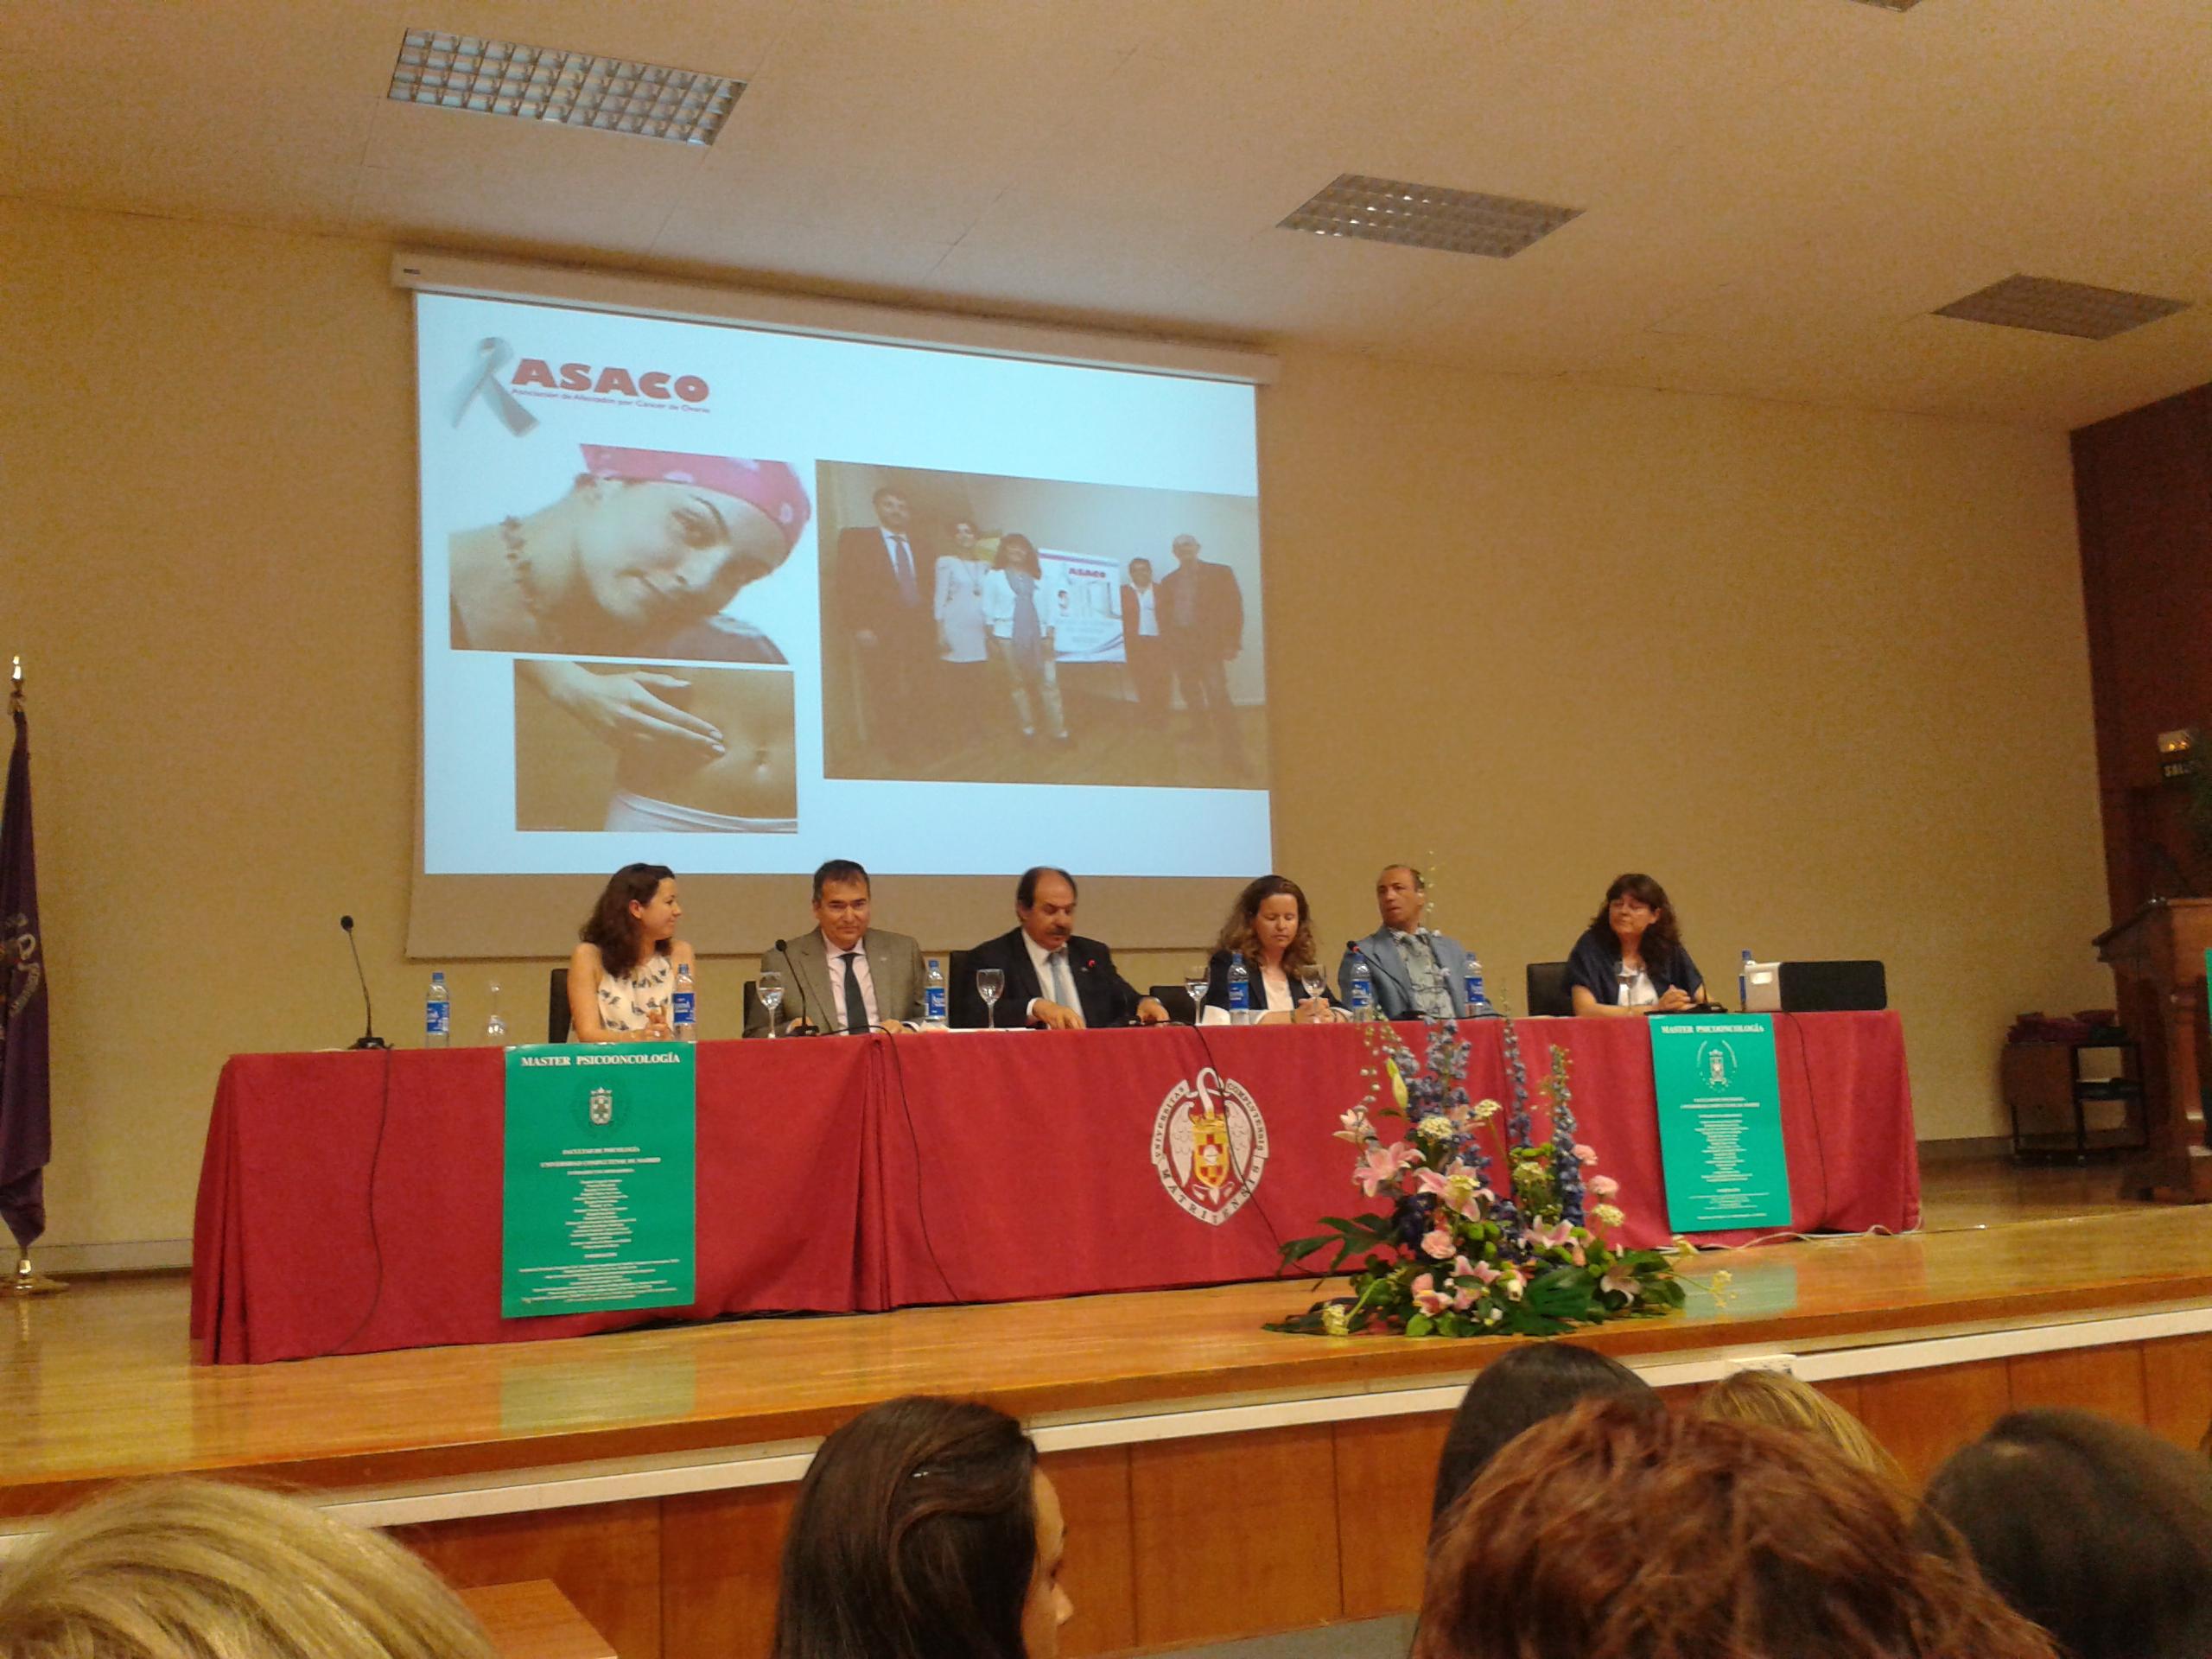 ASACO graduacion psicooncologia UCM 2013 mesa